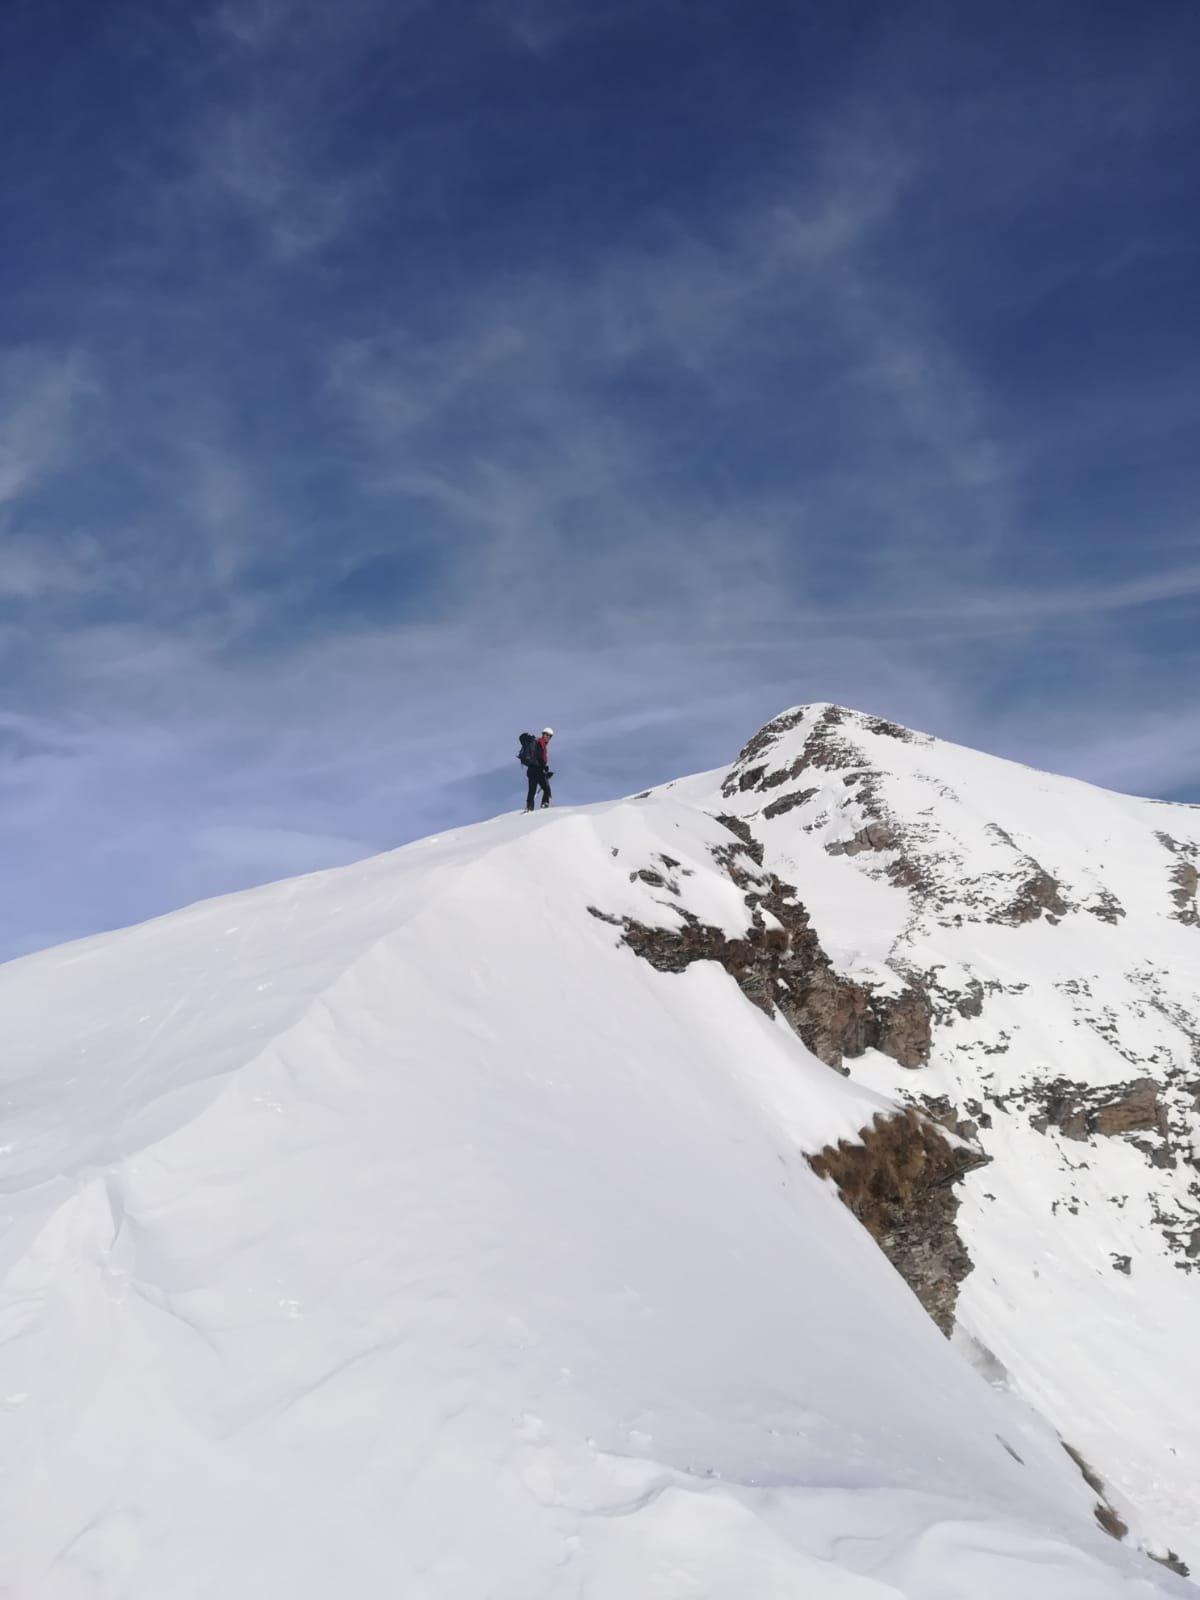 Cresta prima del deposito ski